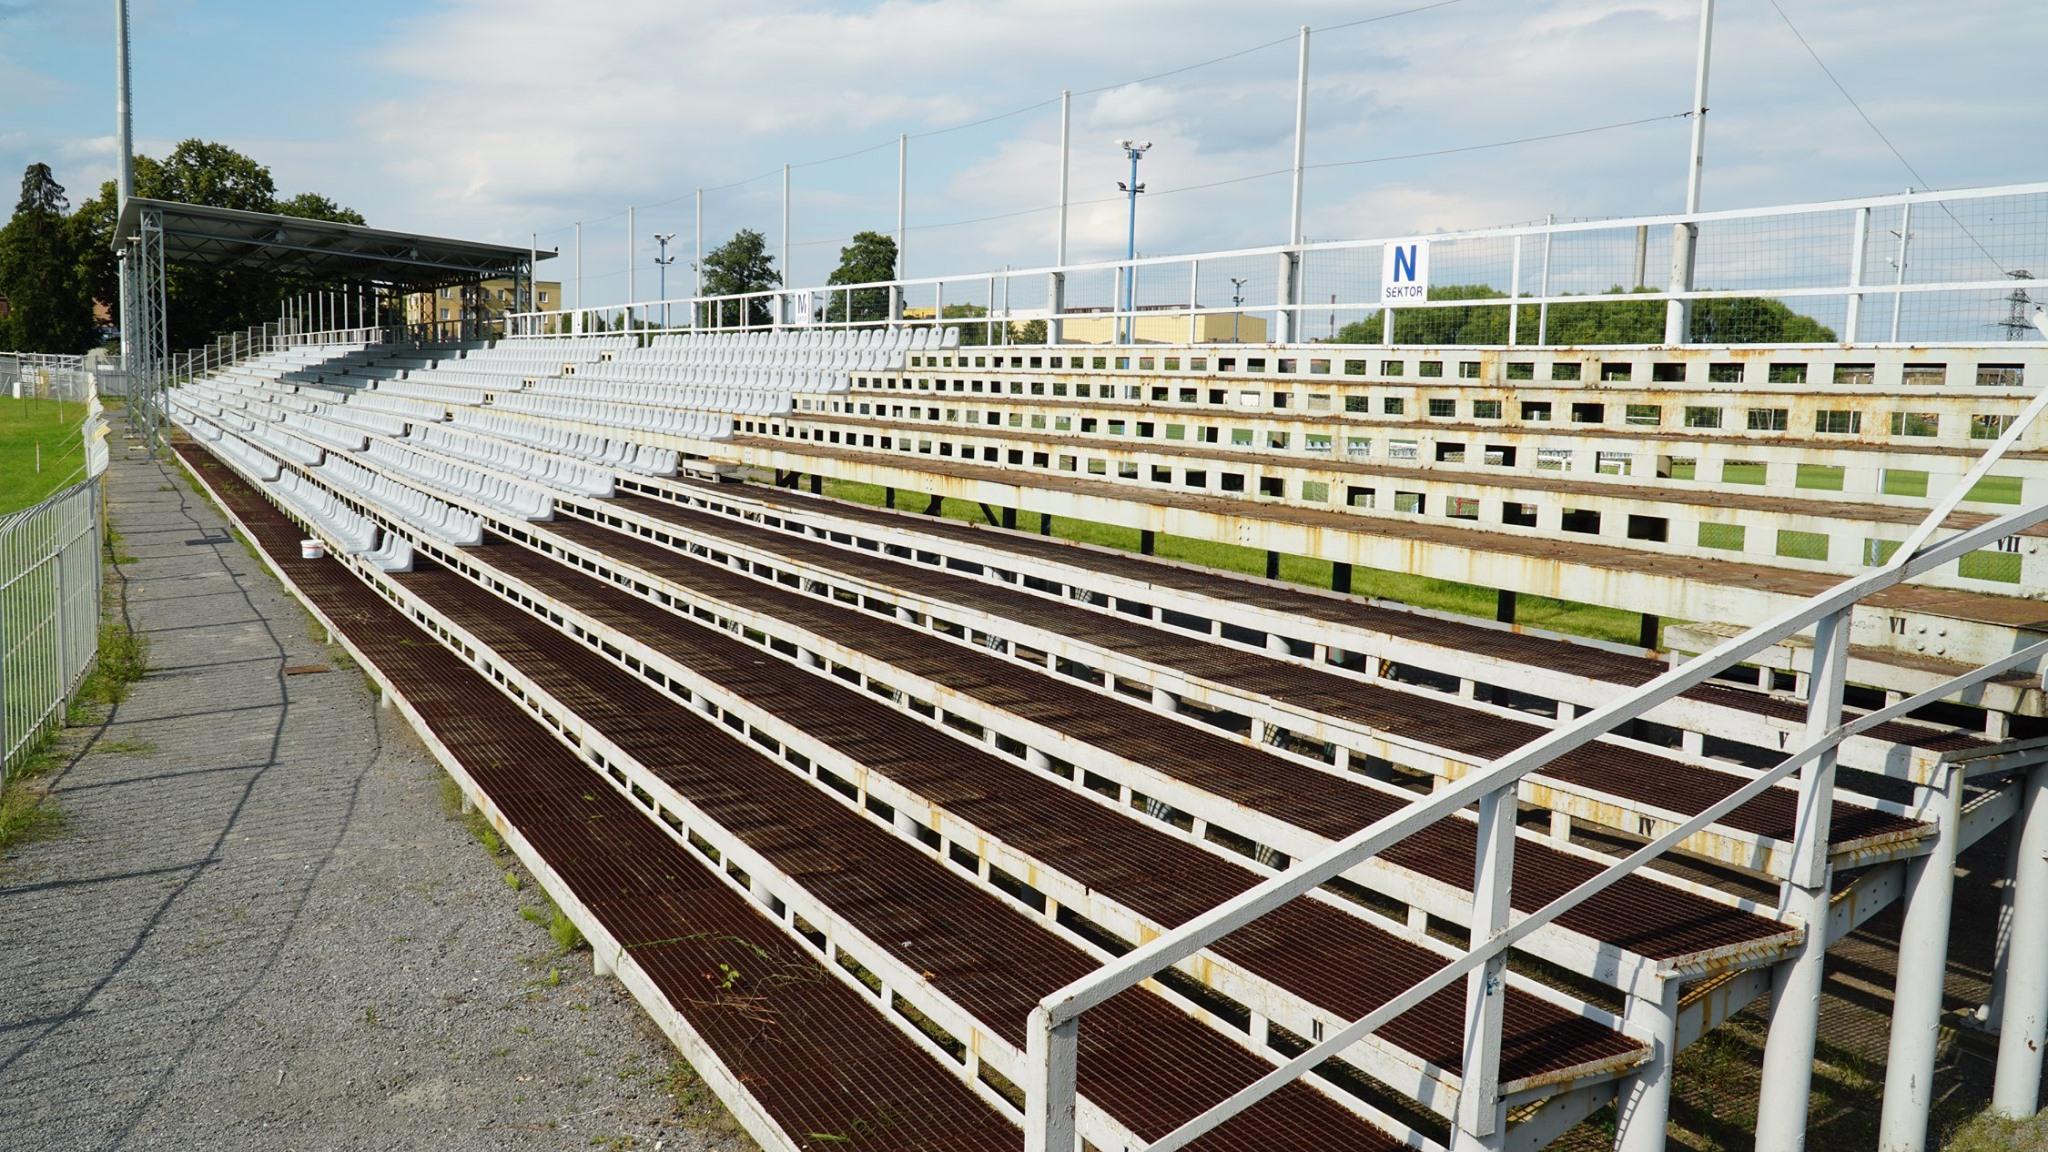 Stadion Miejski Raków